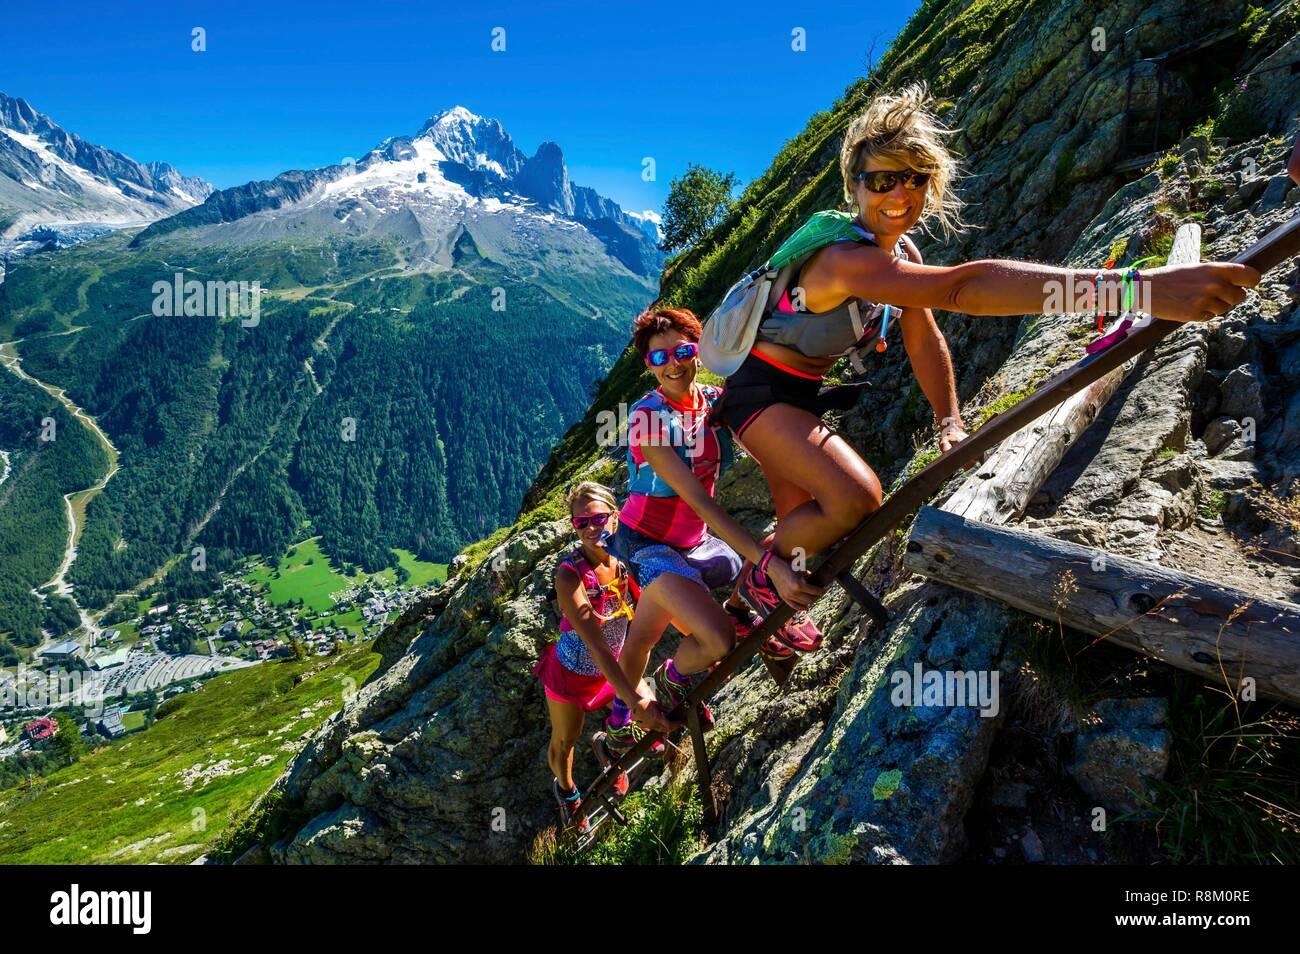 France, Haute-Savoie, Argentière, Aiguilles Rouges range, Tour du Mont Blanc, iron ladder of Aiguillette d'Argentière trail, Ceramik Girls team, female trail runners, with Aiguille Verte and Les Drus in the back Stock Photo